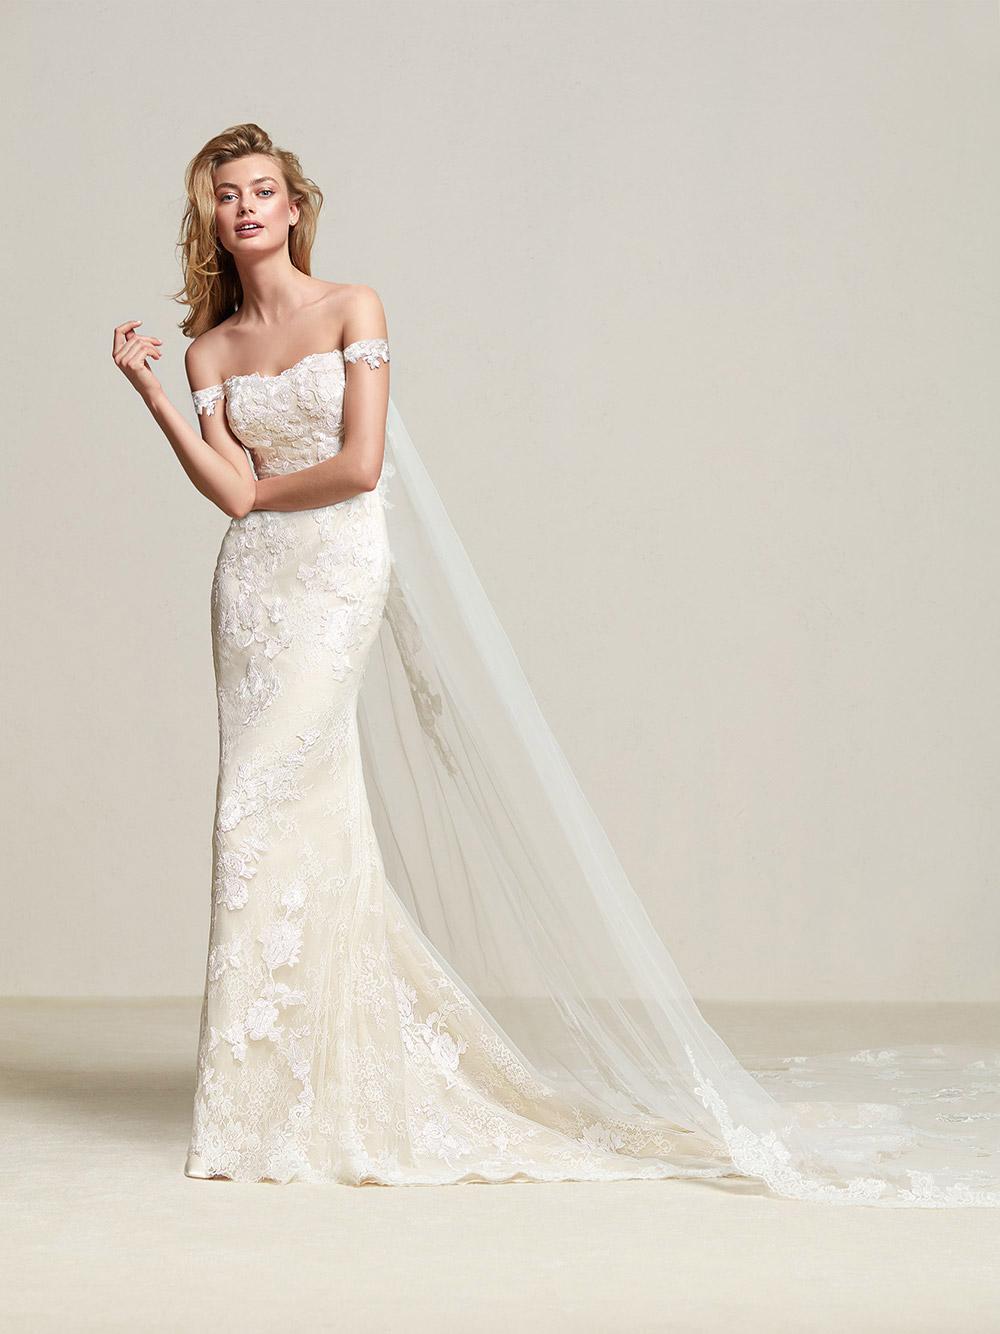 Dria - Pronovias 2018 Bridal Collection. www.theweddingnotebook.com